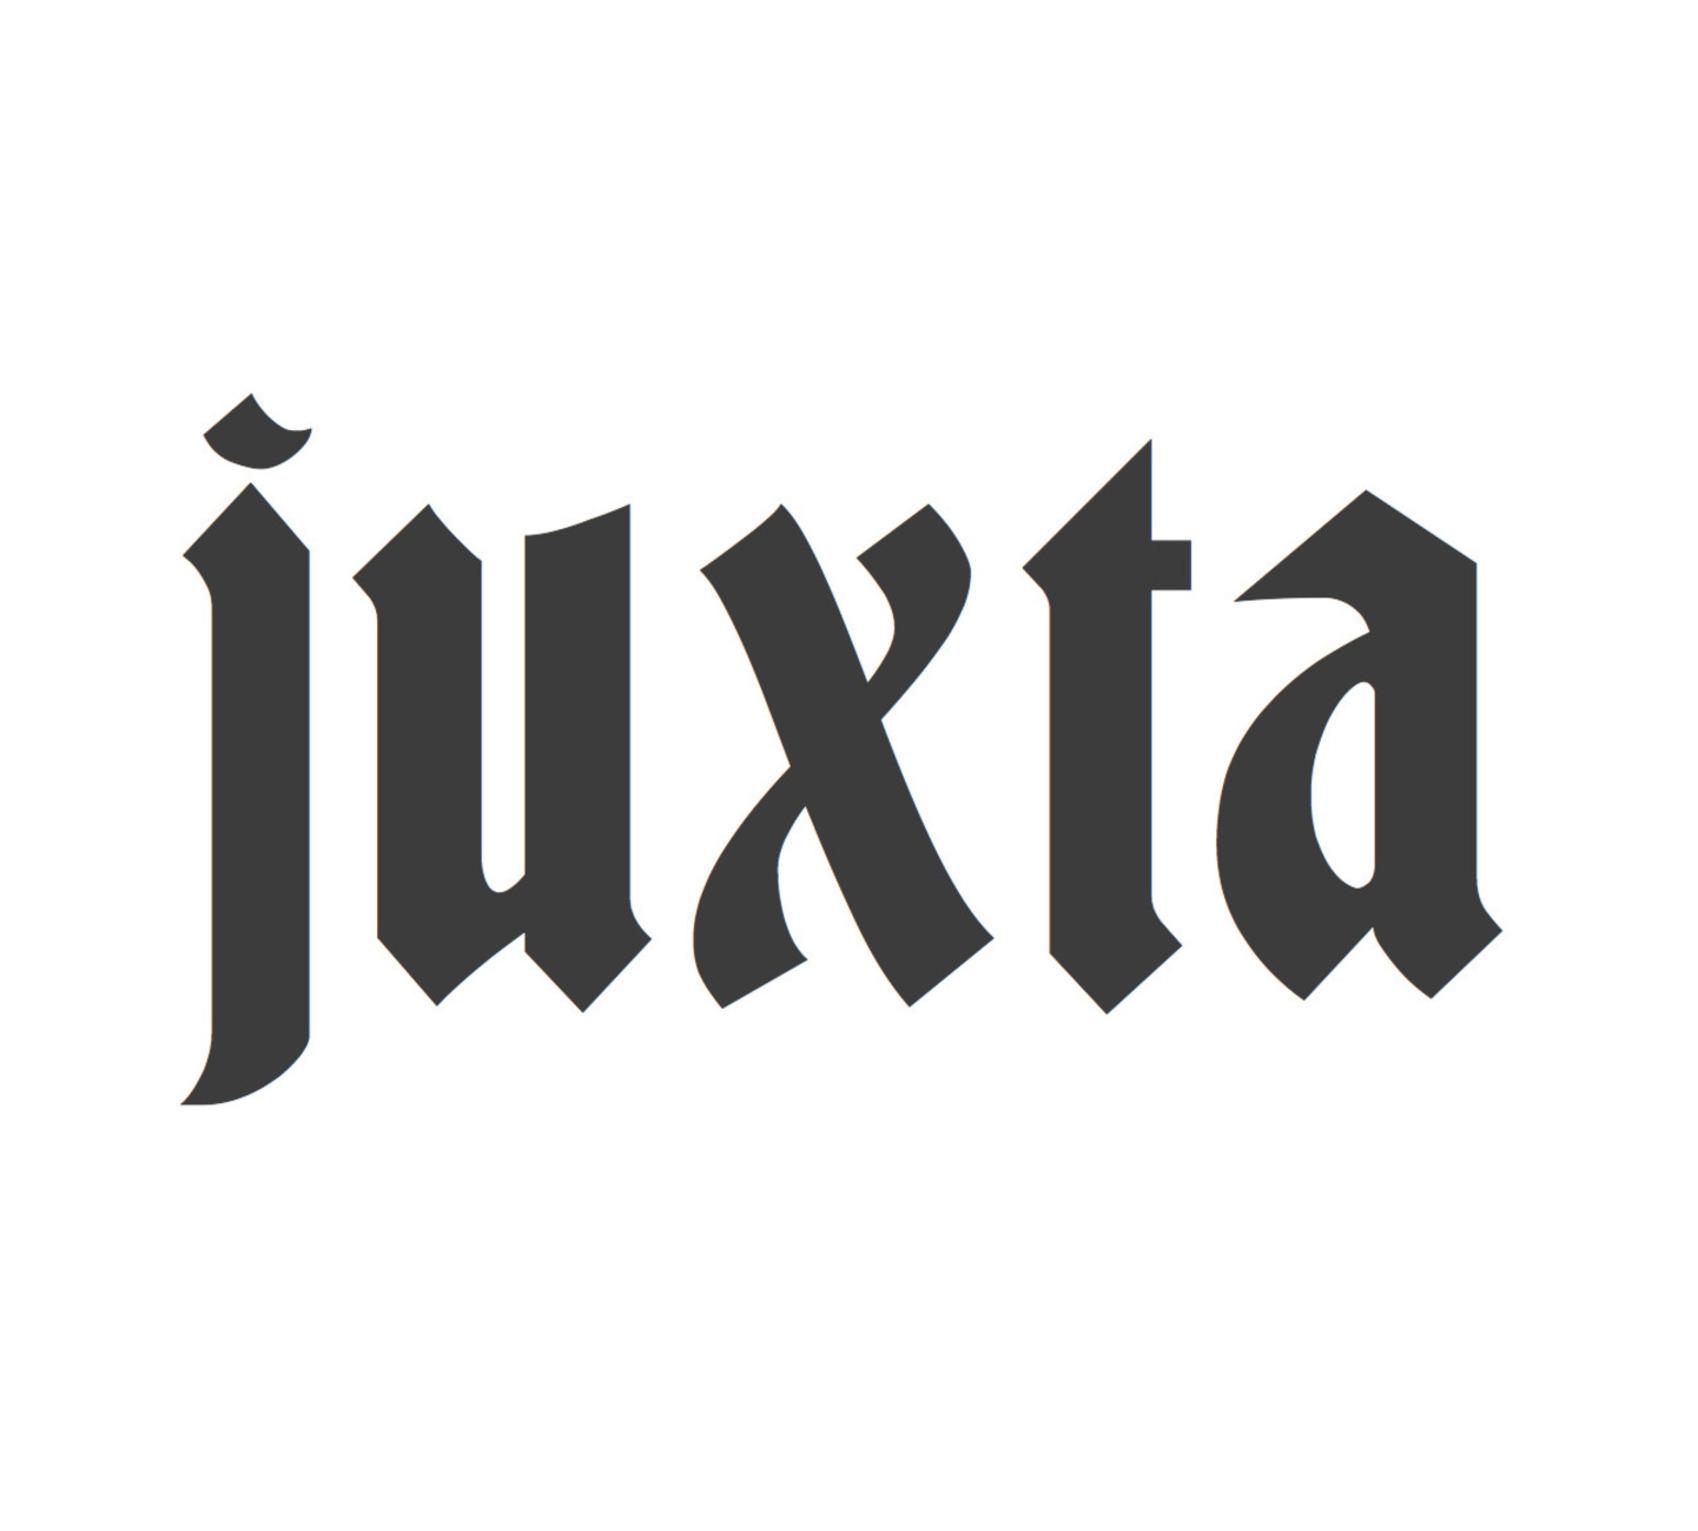 Juxta album cover.jpg